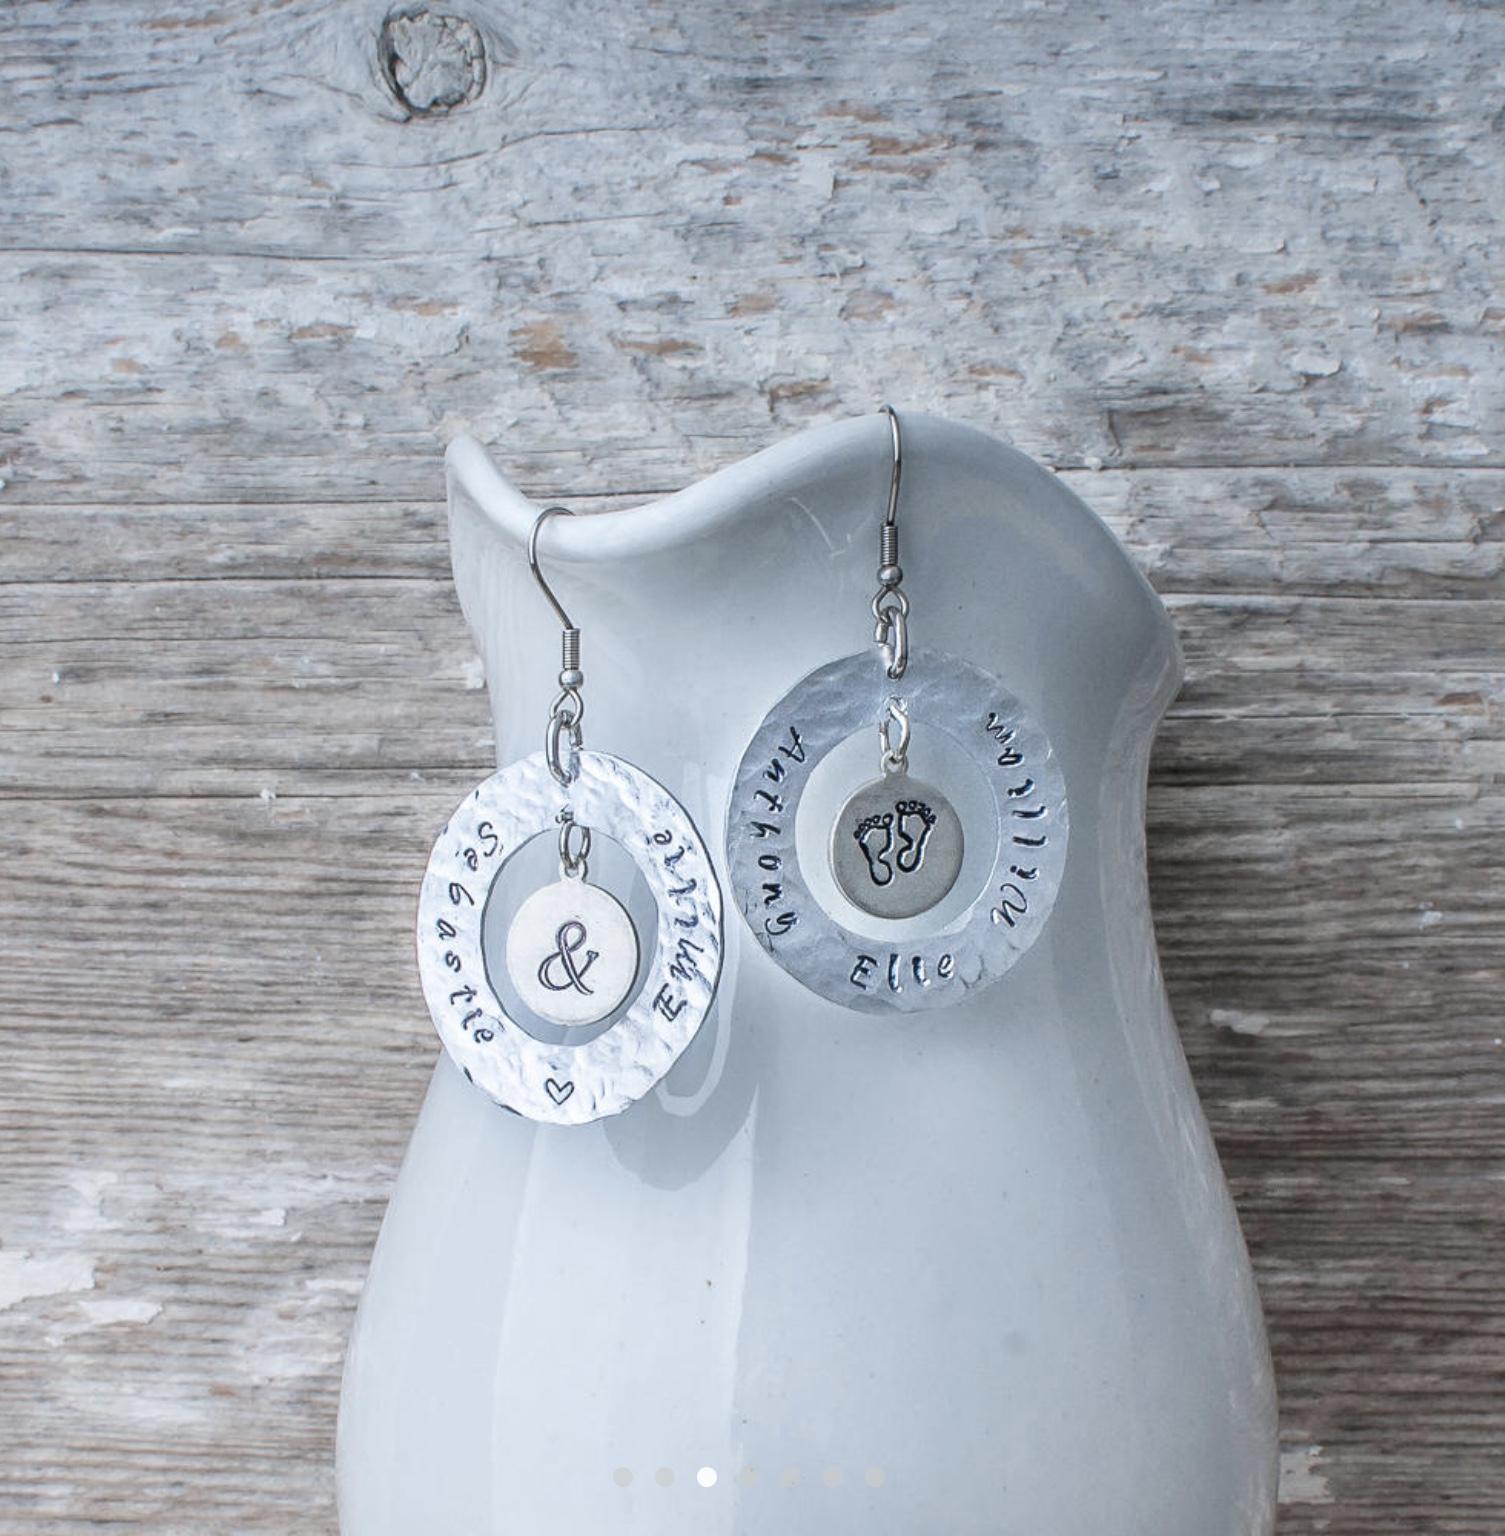 Des boucles d'oreilles personnalisées avec le prénom des enfants, cadeau tellement parfait pour la fête des mères! (En espérant que mon mari lise mon article... 😉)